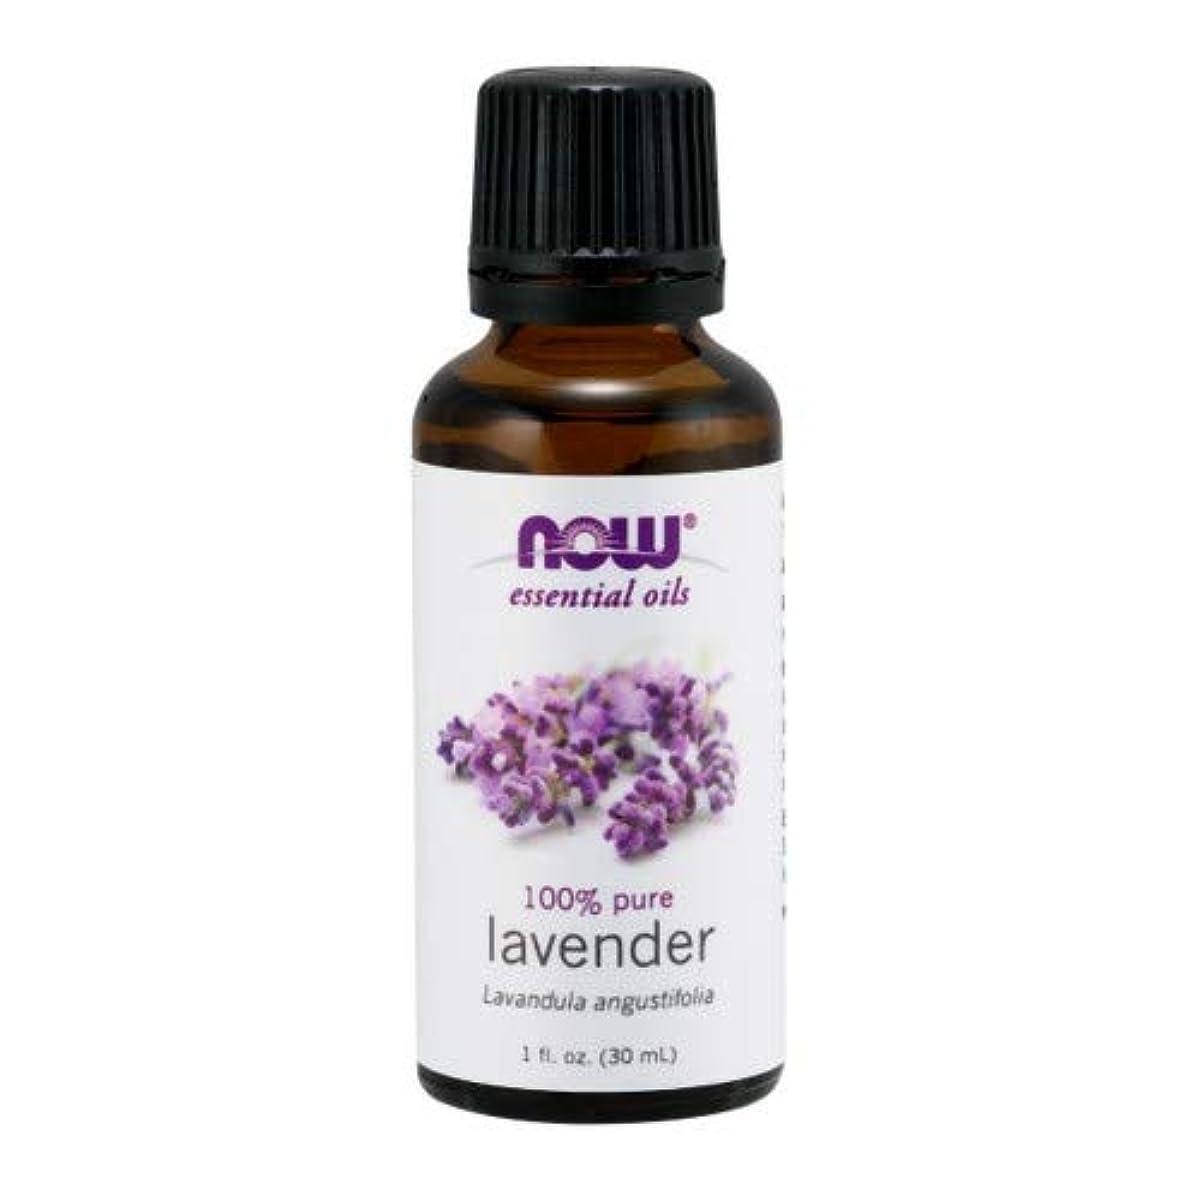 バルブインペリアル言い聞かせるエッセンシャルオイル ラベンダーオイル 30ml 2個セット ナウフーズ 並行輸入品 NOW Foods Essential Oils Lavender 1 oz Pack of 2